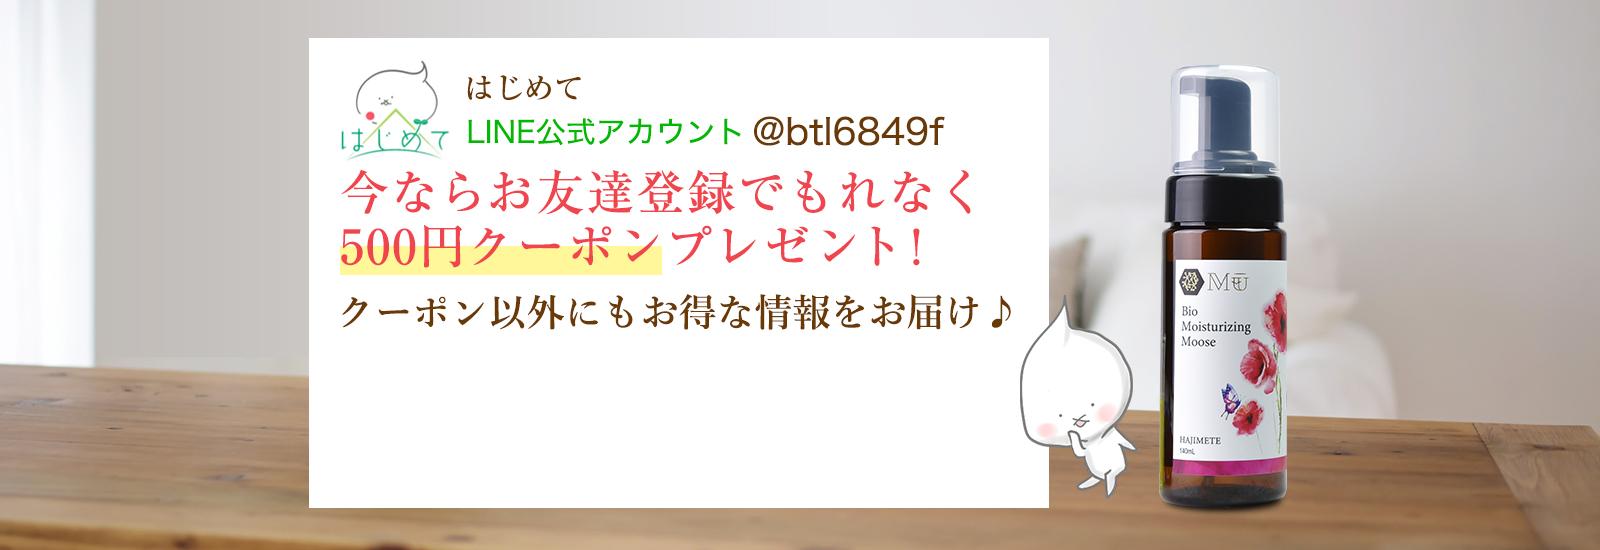 はじめて LINE公式アカウント 今ならもれなくお友達登録で500円クーポンプレゼント!